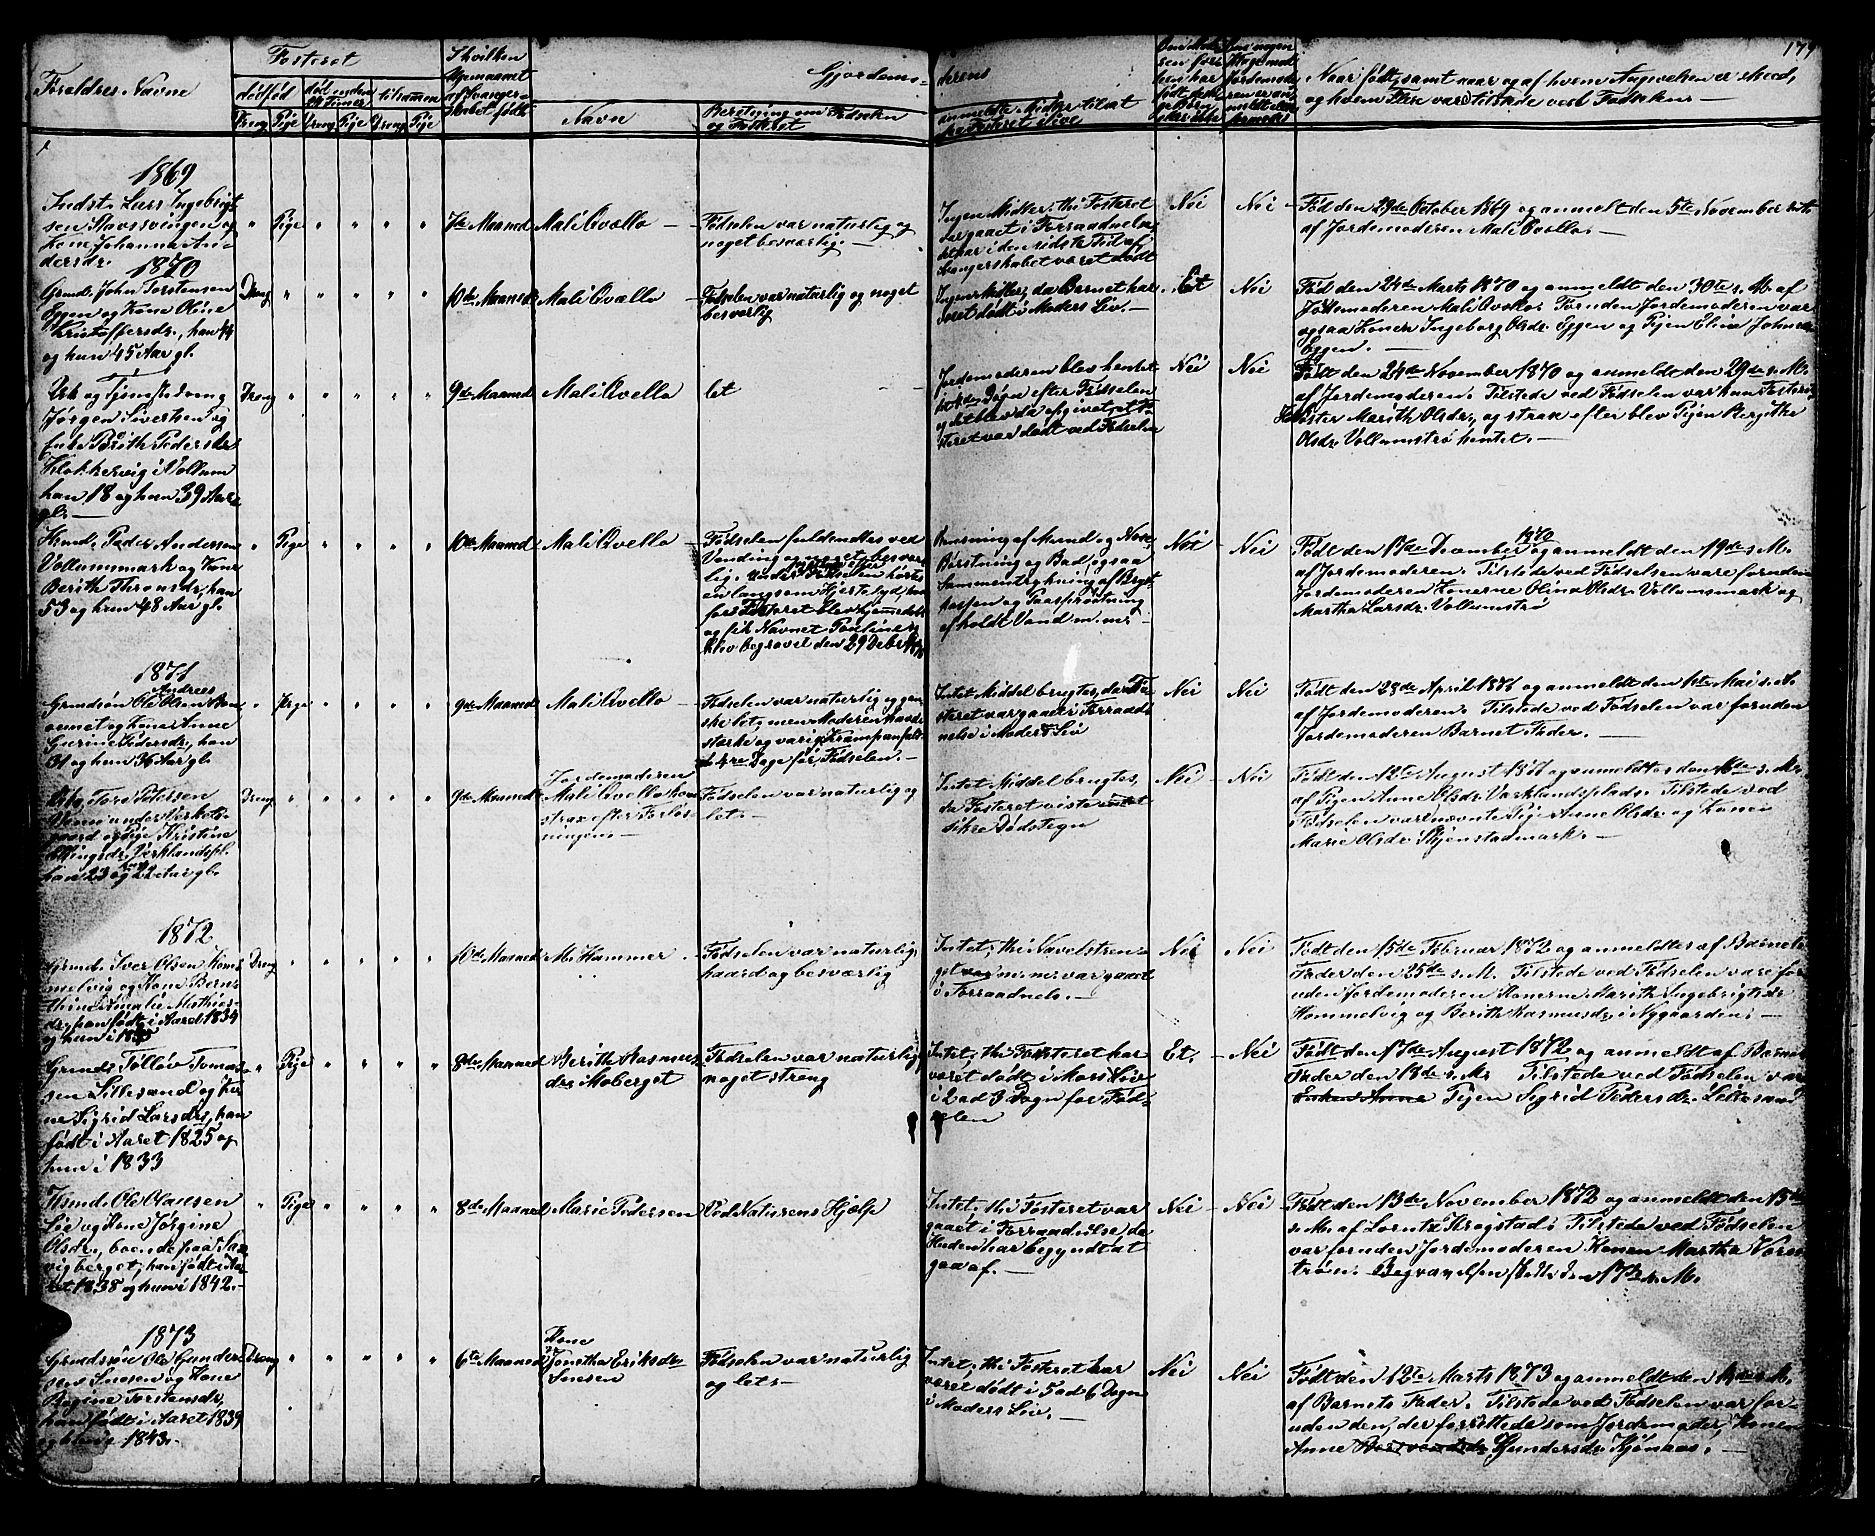 SAT, Ministerialprotokoller, klokkerbøker og fødselsregistre - Sør-Trøndelag, 616/L0422: Klokkerbok nr. 616C05, 1850-1888, s. 179